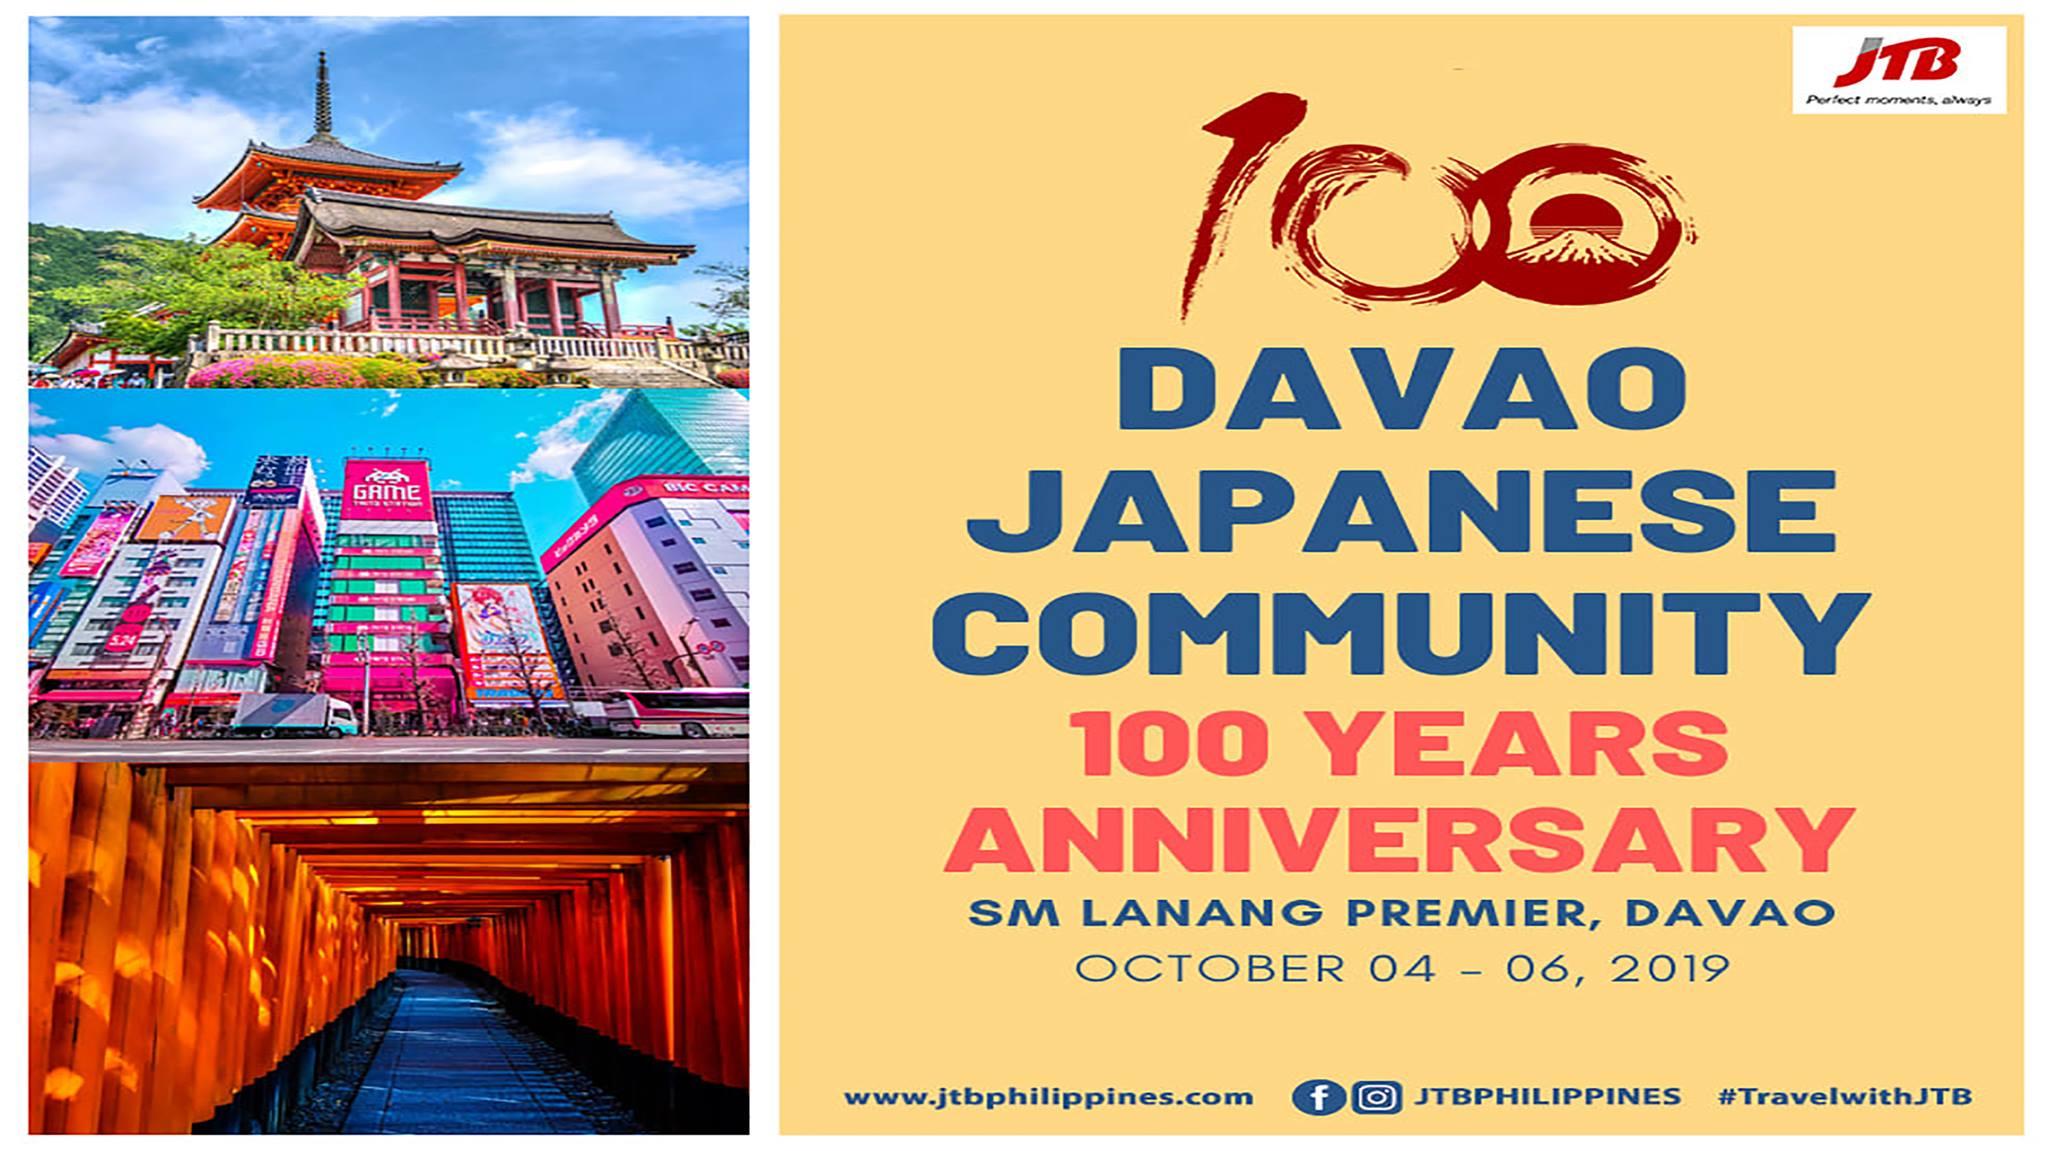 Davao Japanese Community 100 Years Anniversary